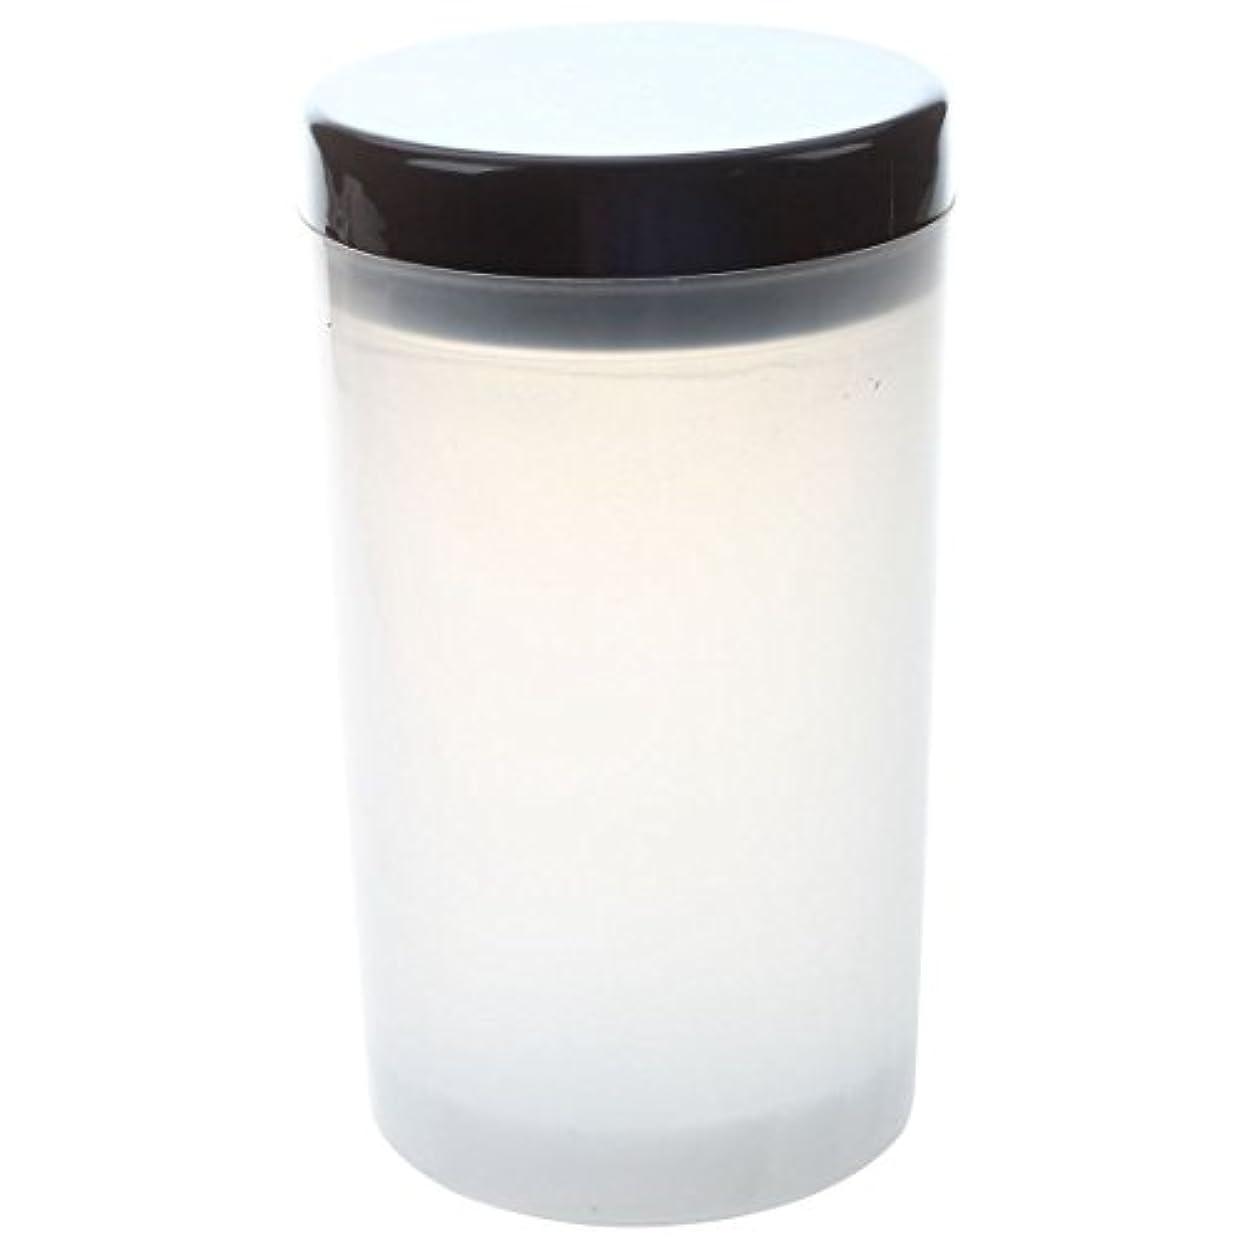 噛む合計汚染するGaoominy ネイルアートチップブラシホルダー リムーバーカップカップ浸漬ブラシ クリーナーボトル